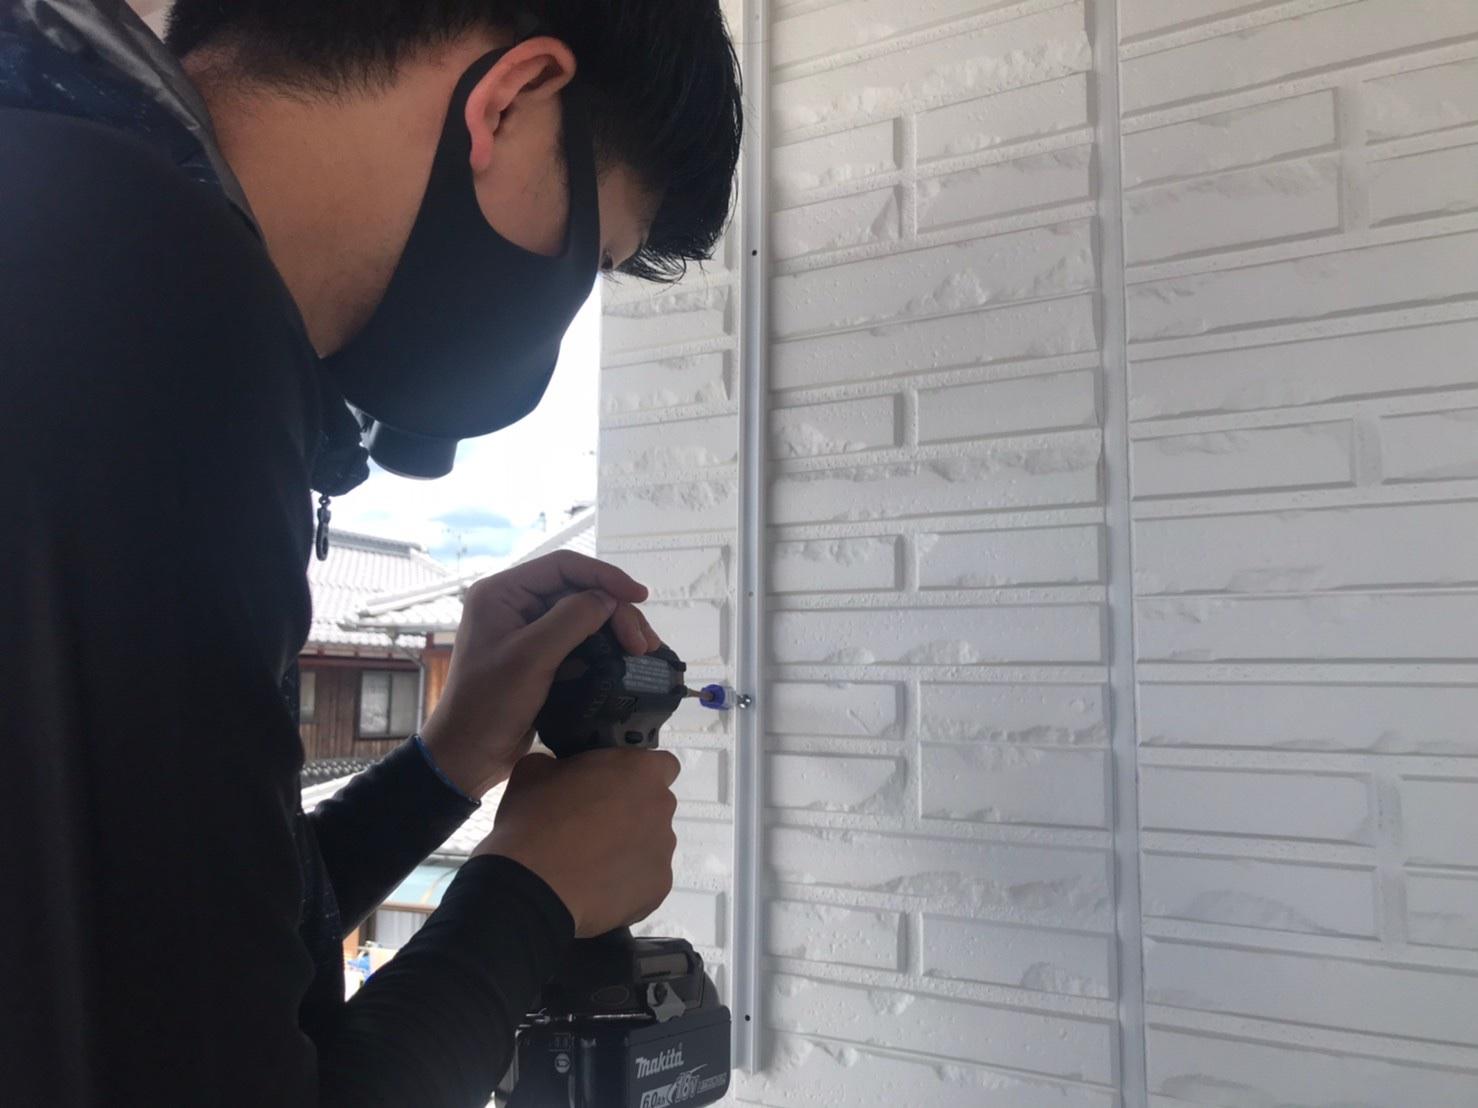 滋賀県の防虫ネット取り付け工事です。壁に穴を開けますのでご理解願います